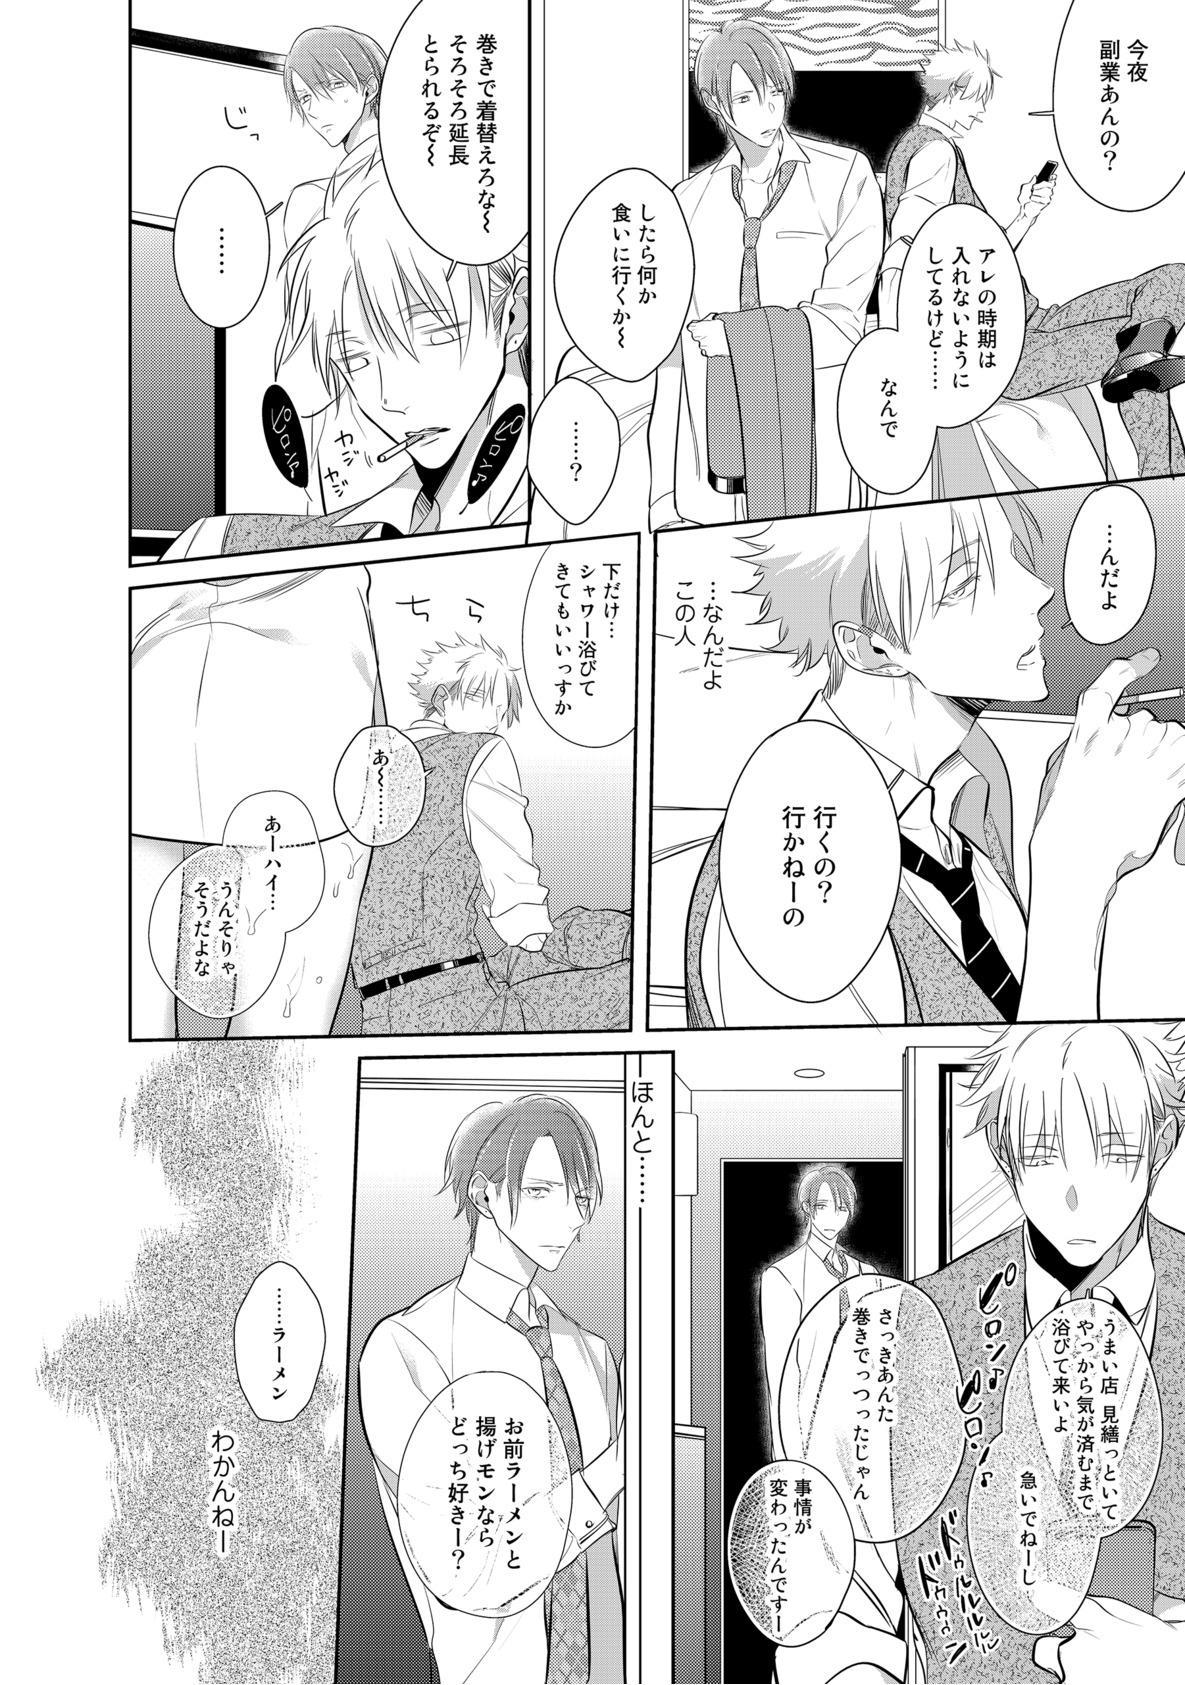 Kurui Naku no wa Boku no Ban ~ vol.2 82